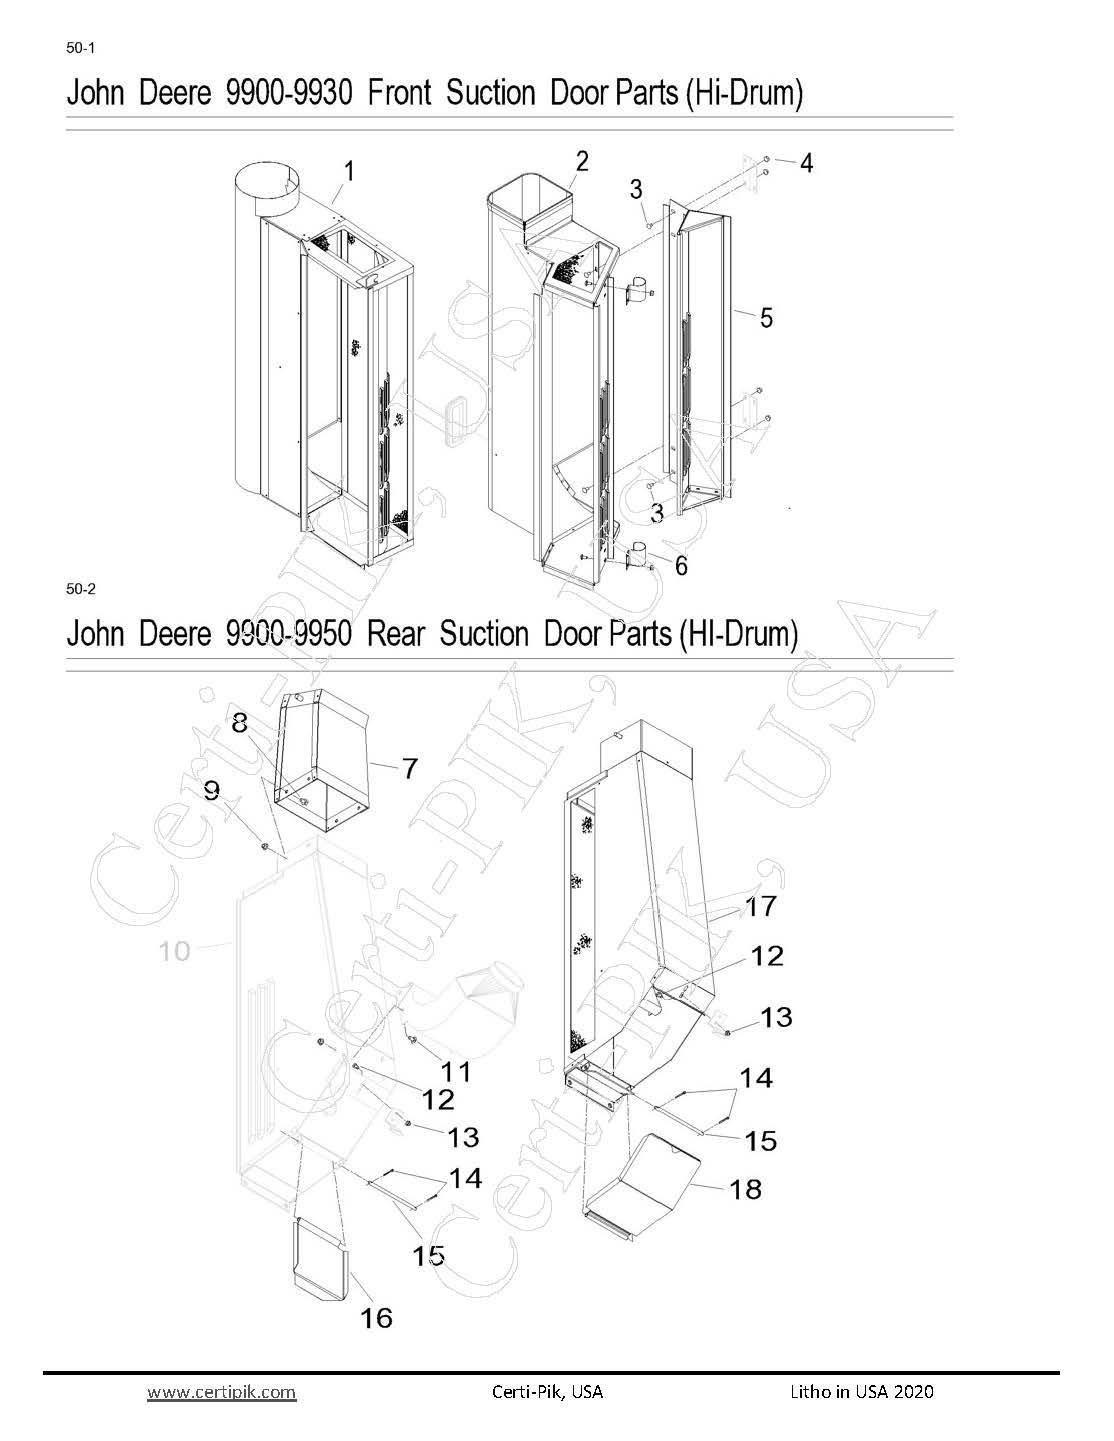 27p1 50 1 Jd 9900 9930 Front Section Door Parts (hi Drum) Page 1